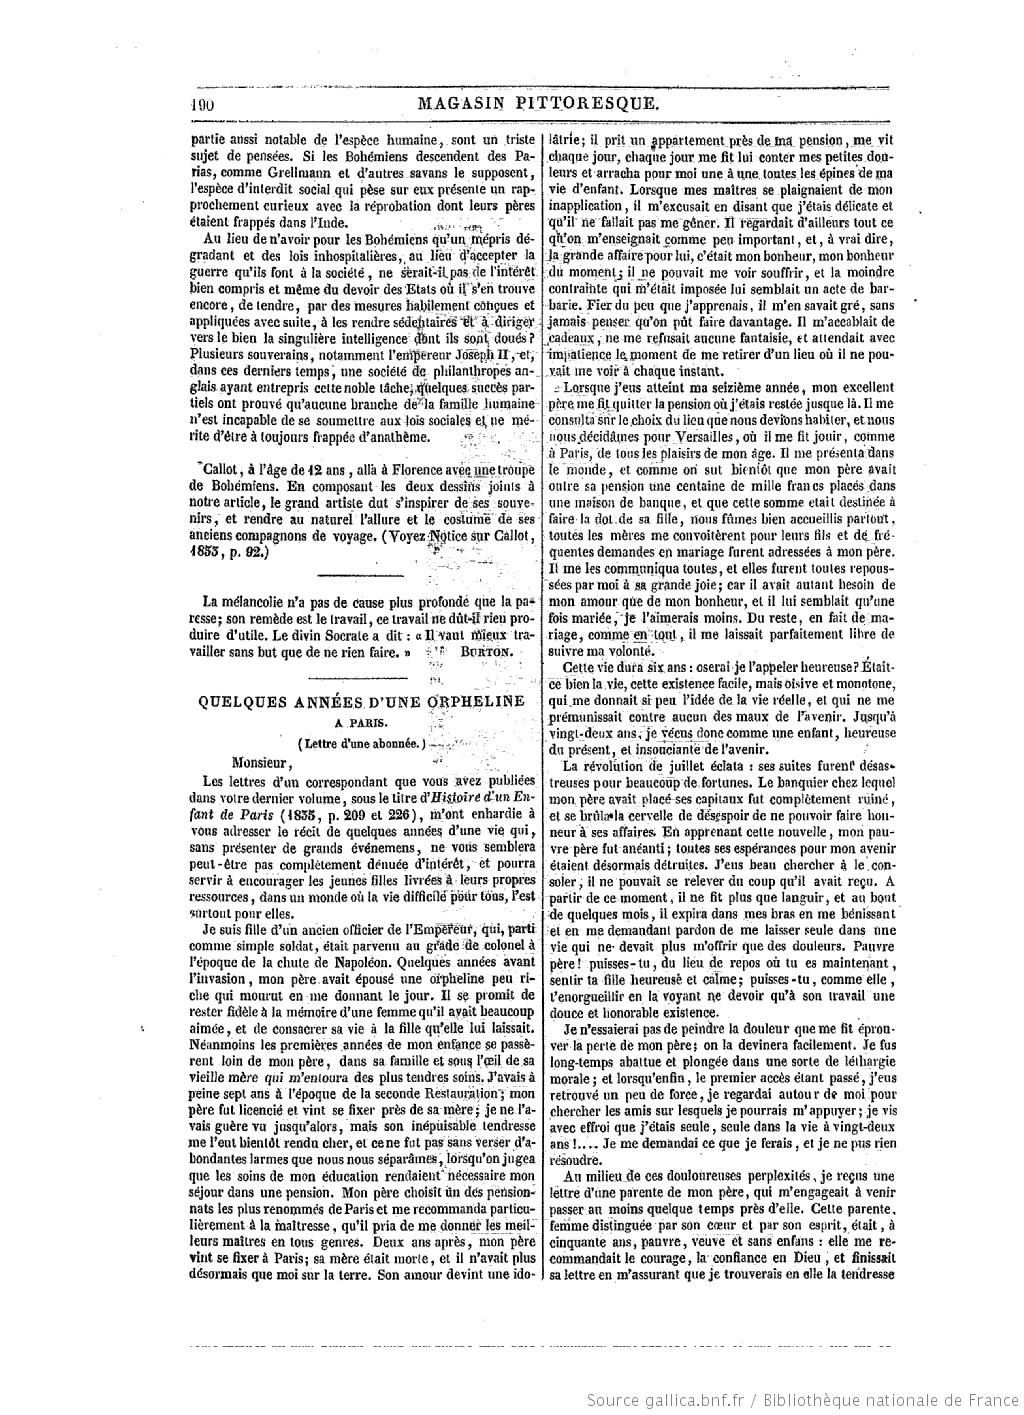 p.190.jpeg - image/jpeg